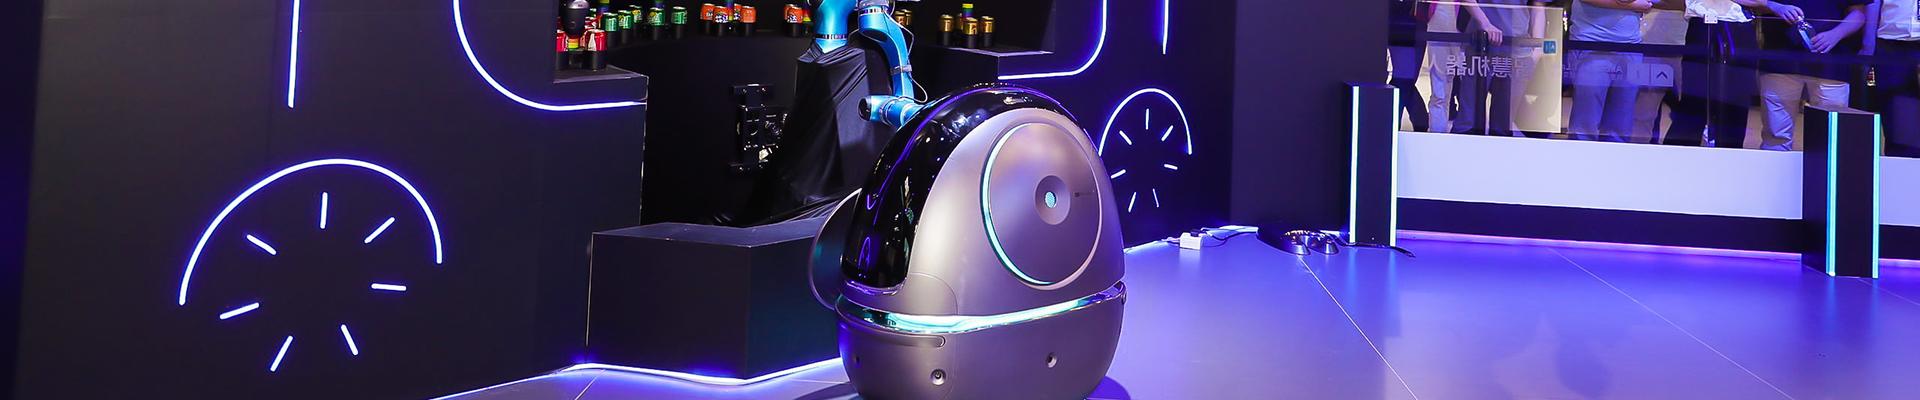 AI Labs机器人/智能物流车赋能城市